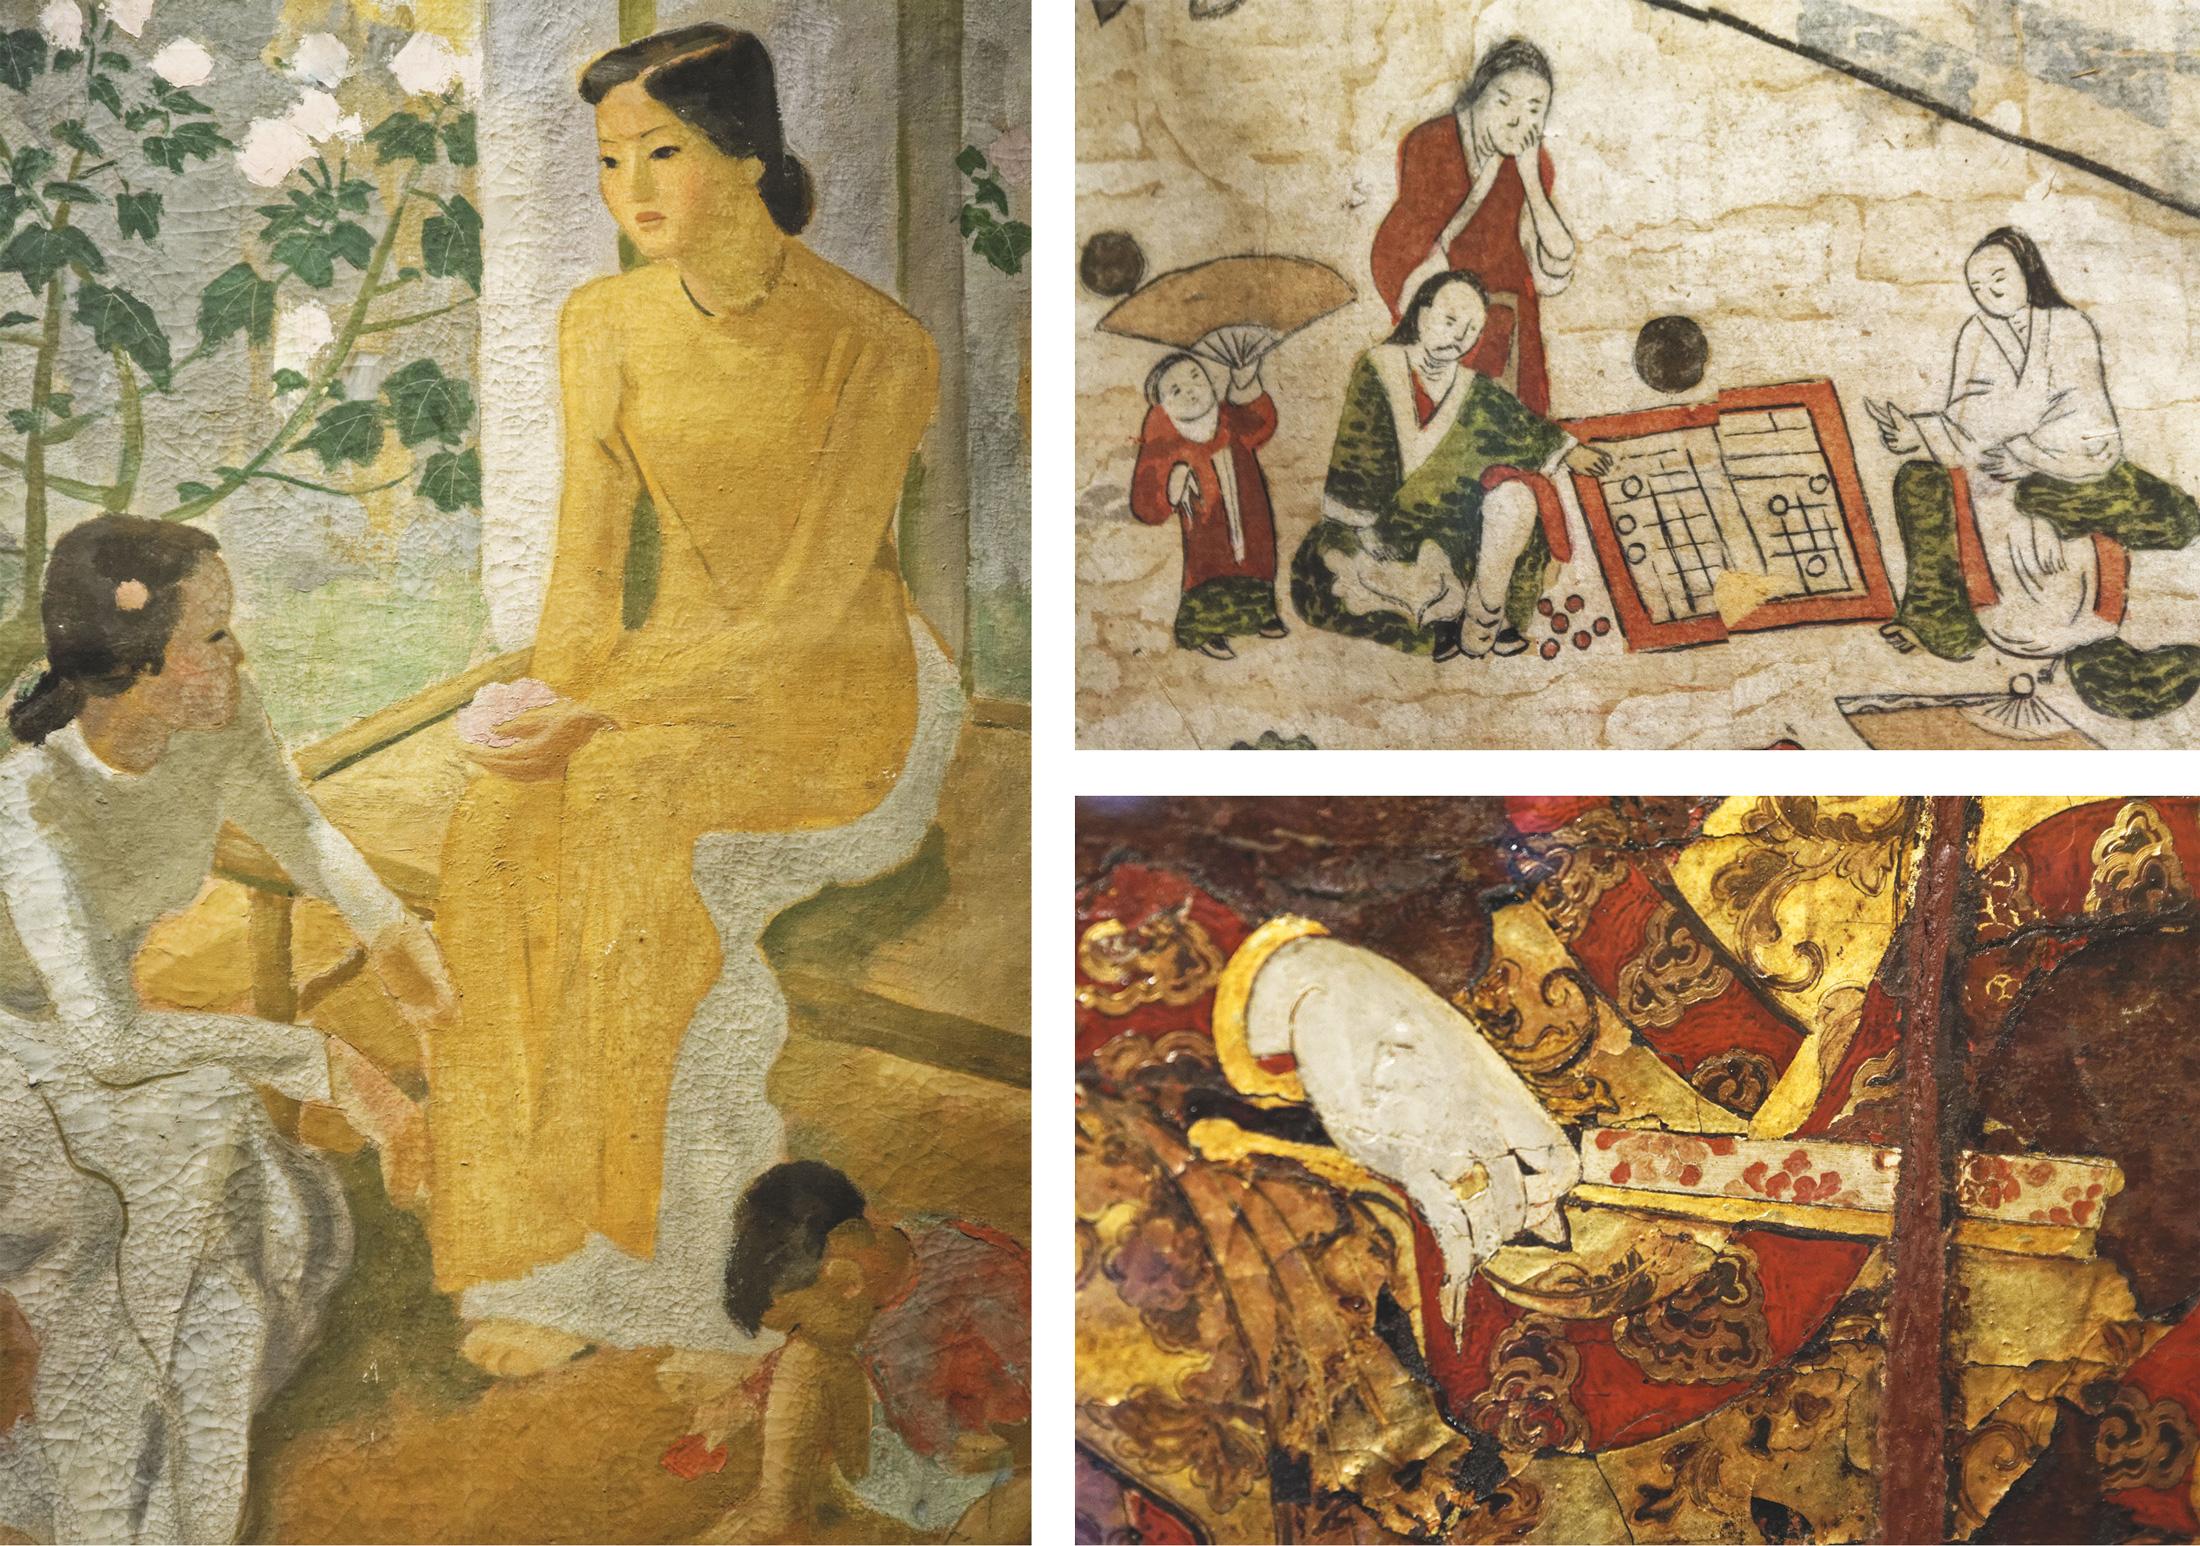 Musée des beaux-arts Hanoi